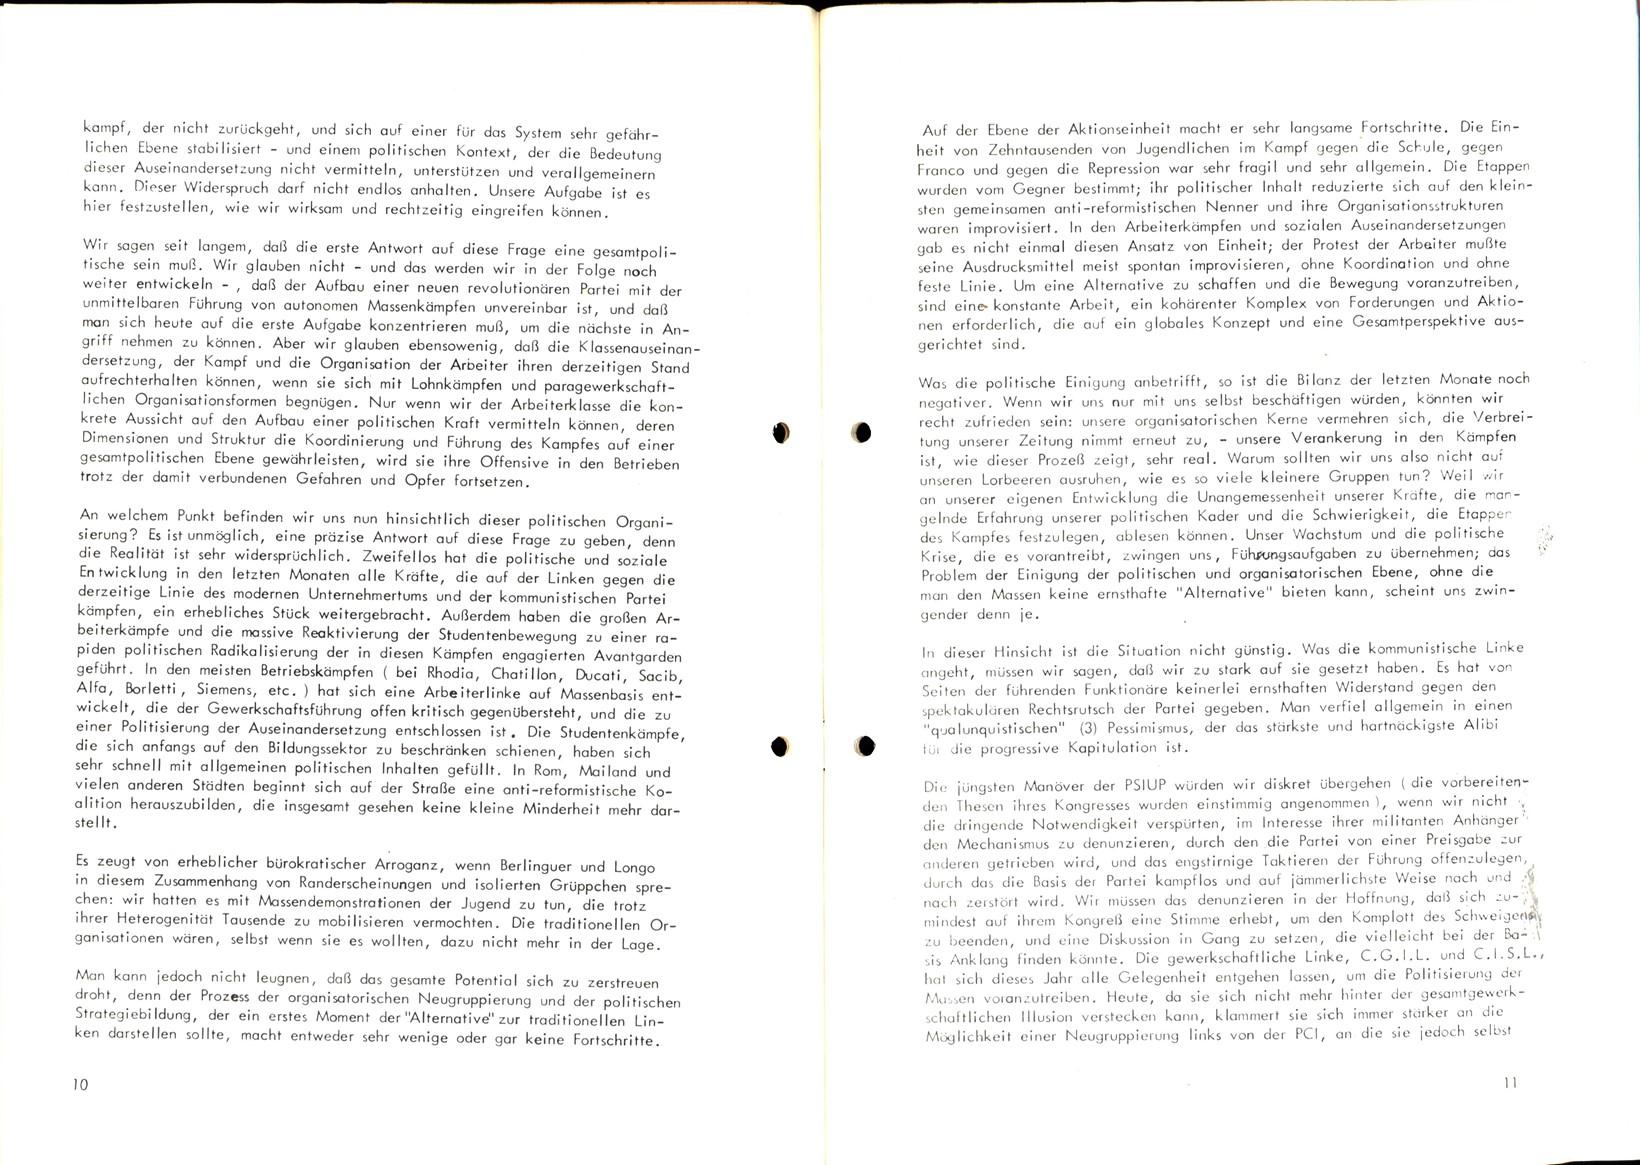 Manifesto_1971_Einheit_der_Klassenlinken_06